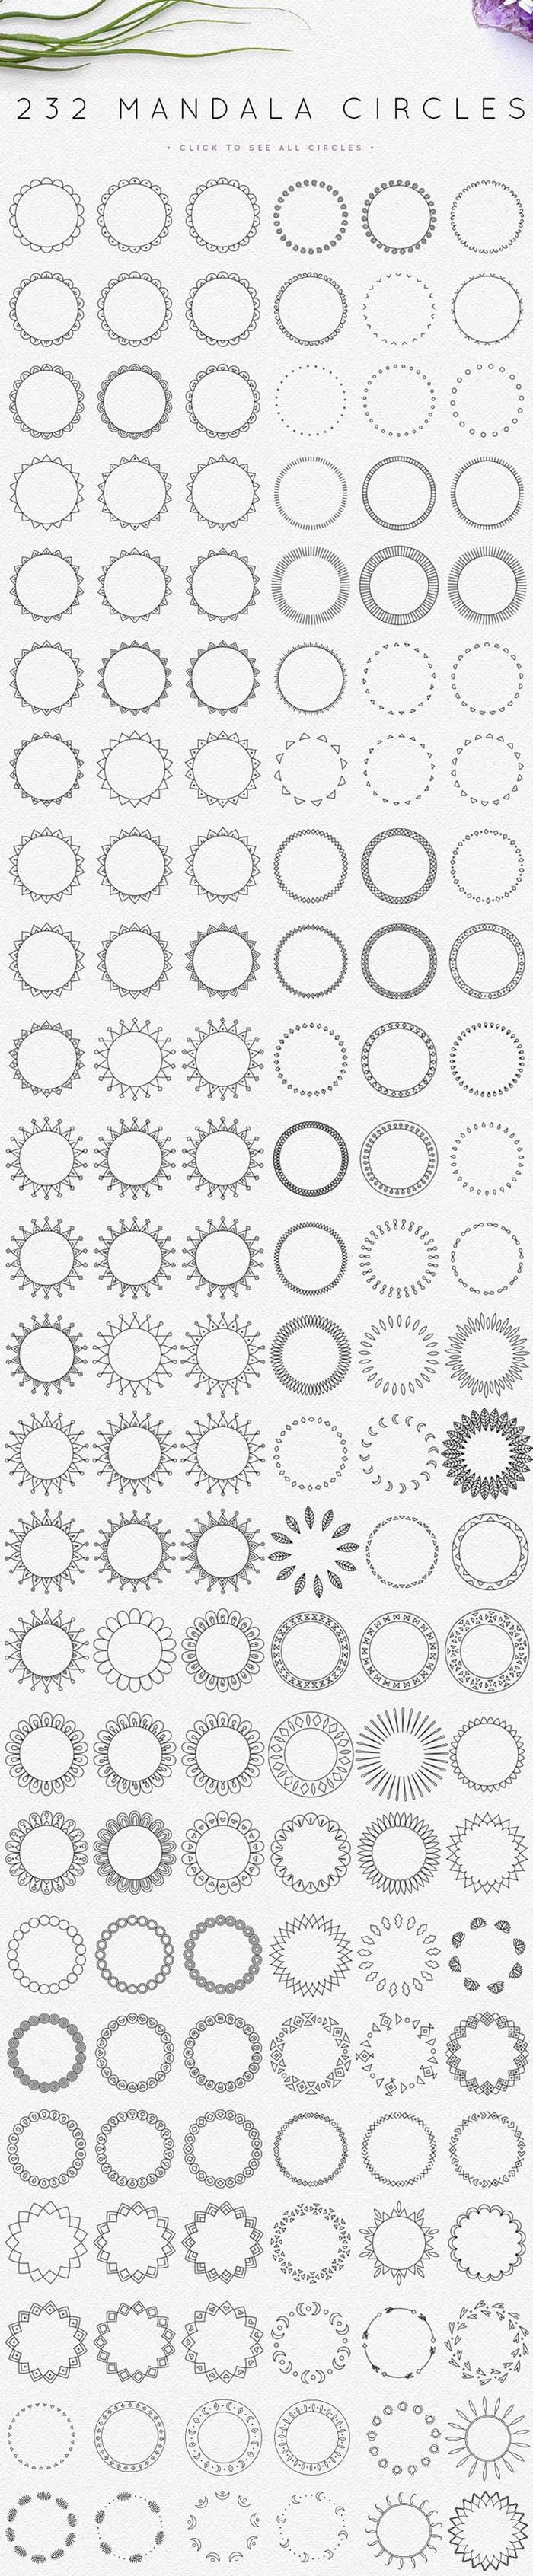 232 Mandala Circles